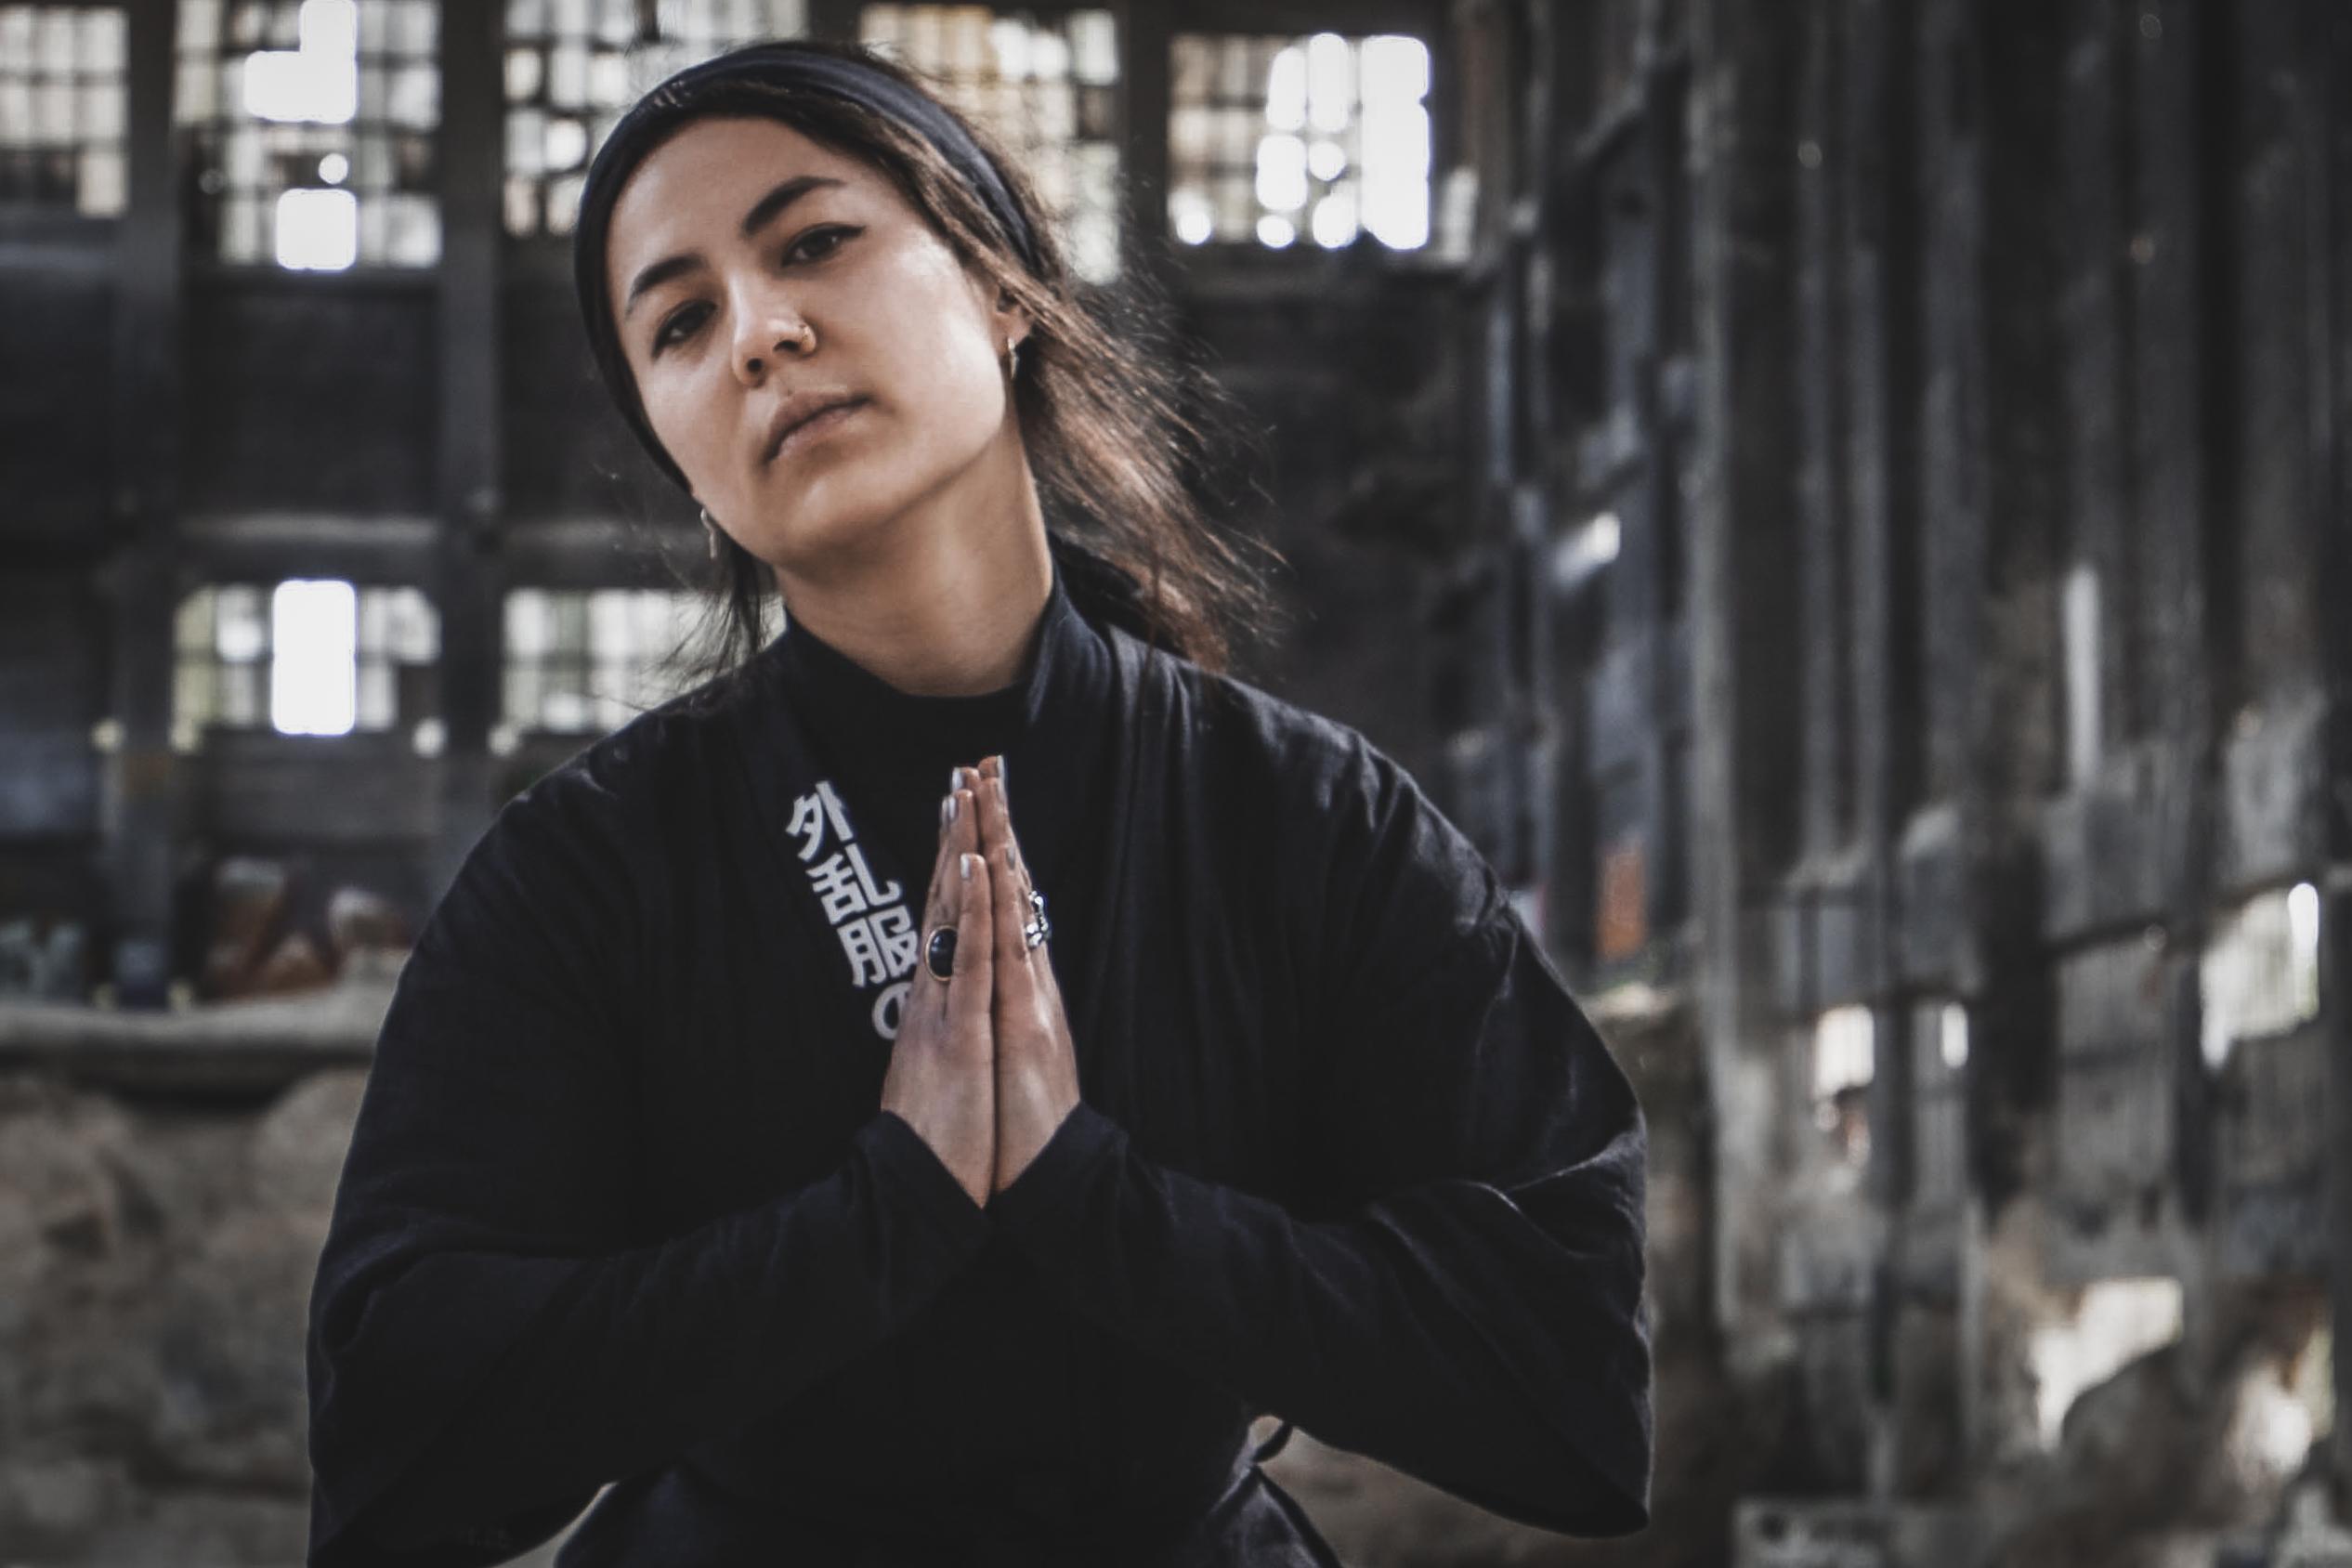 Eine junge Frau steht in einer Industriehalle und hält ihre Hände zum Gebet.